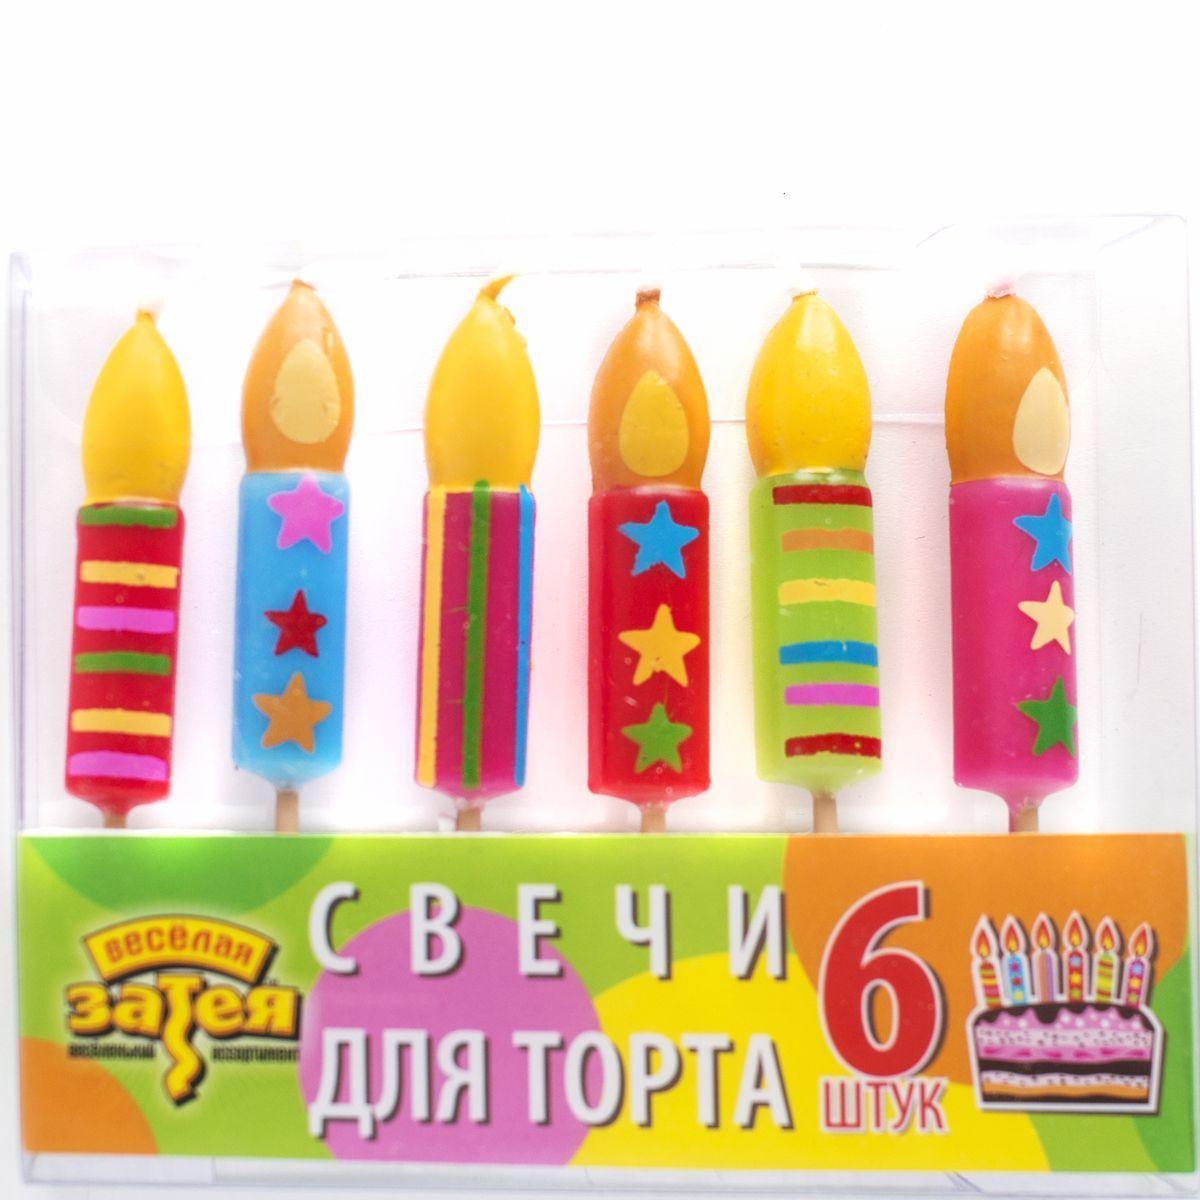 1502-0846 Свечи д/торта на пиках Свеча 6шт/A